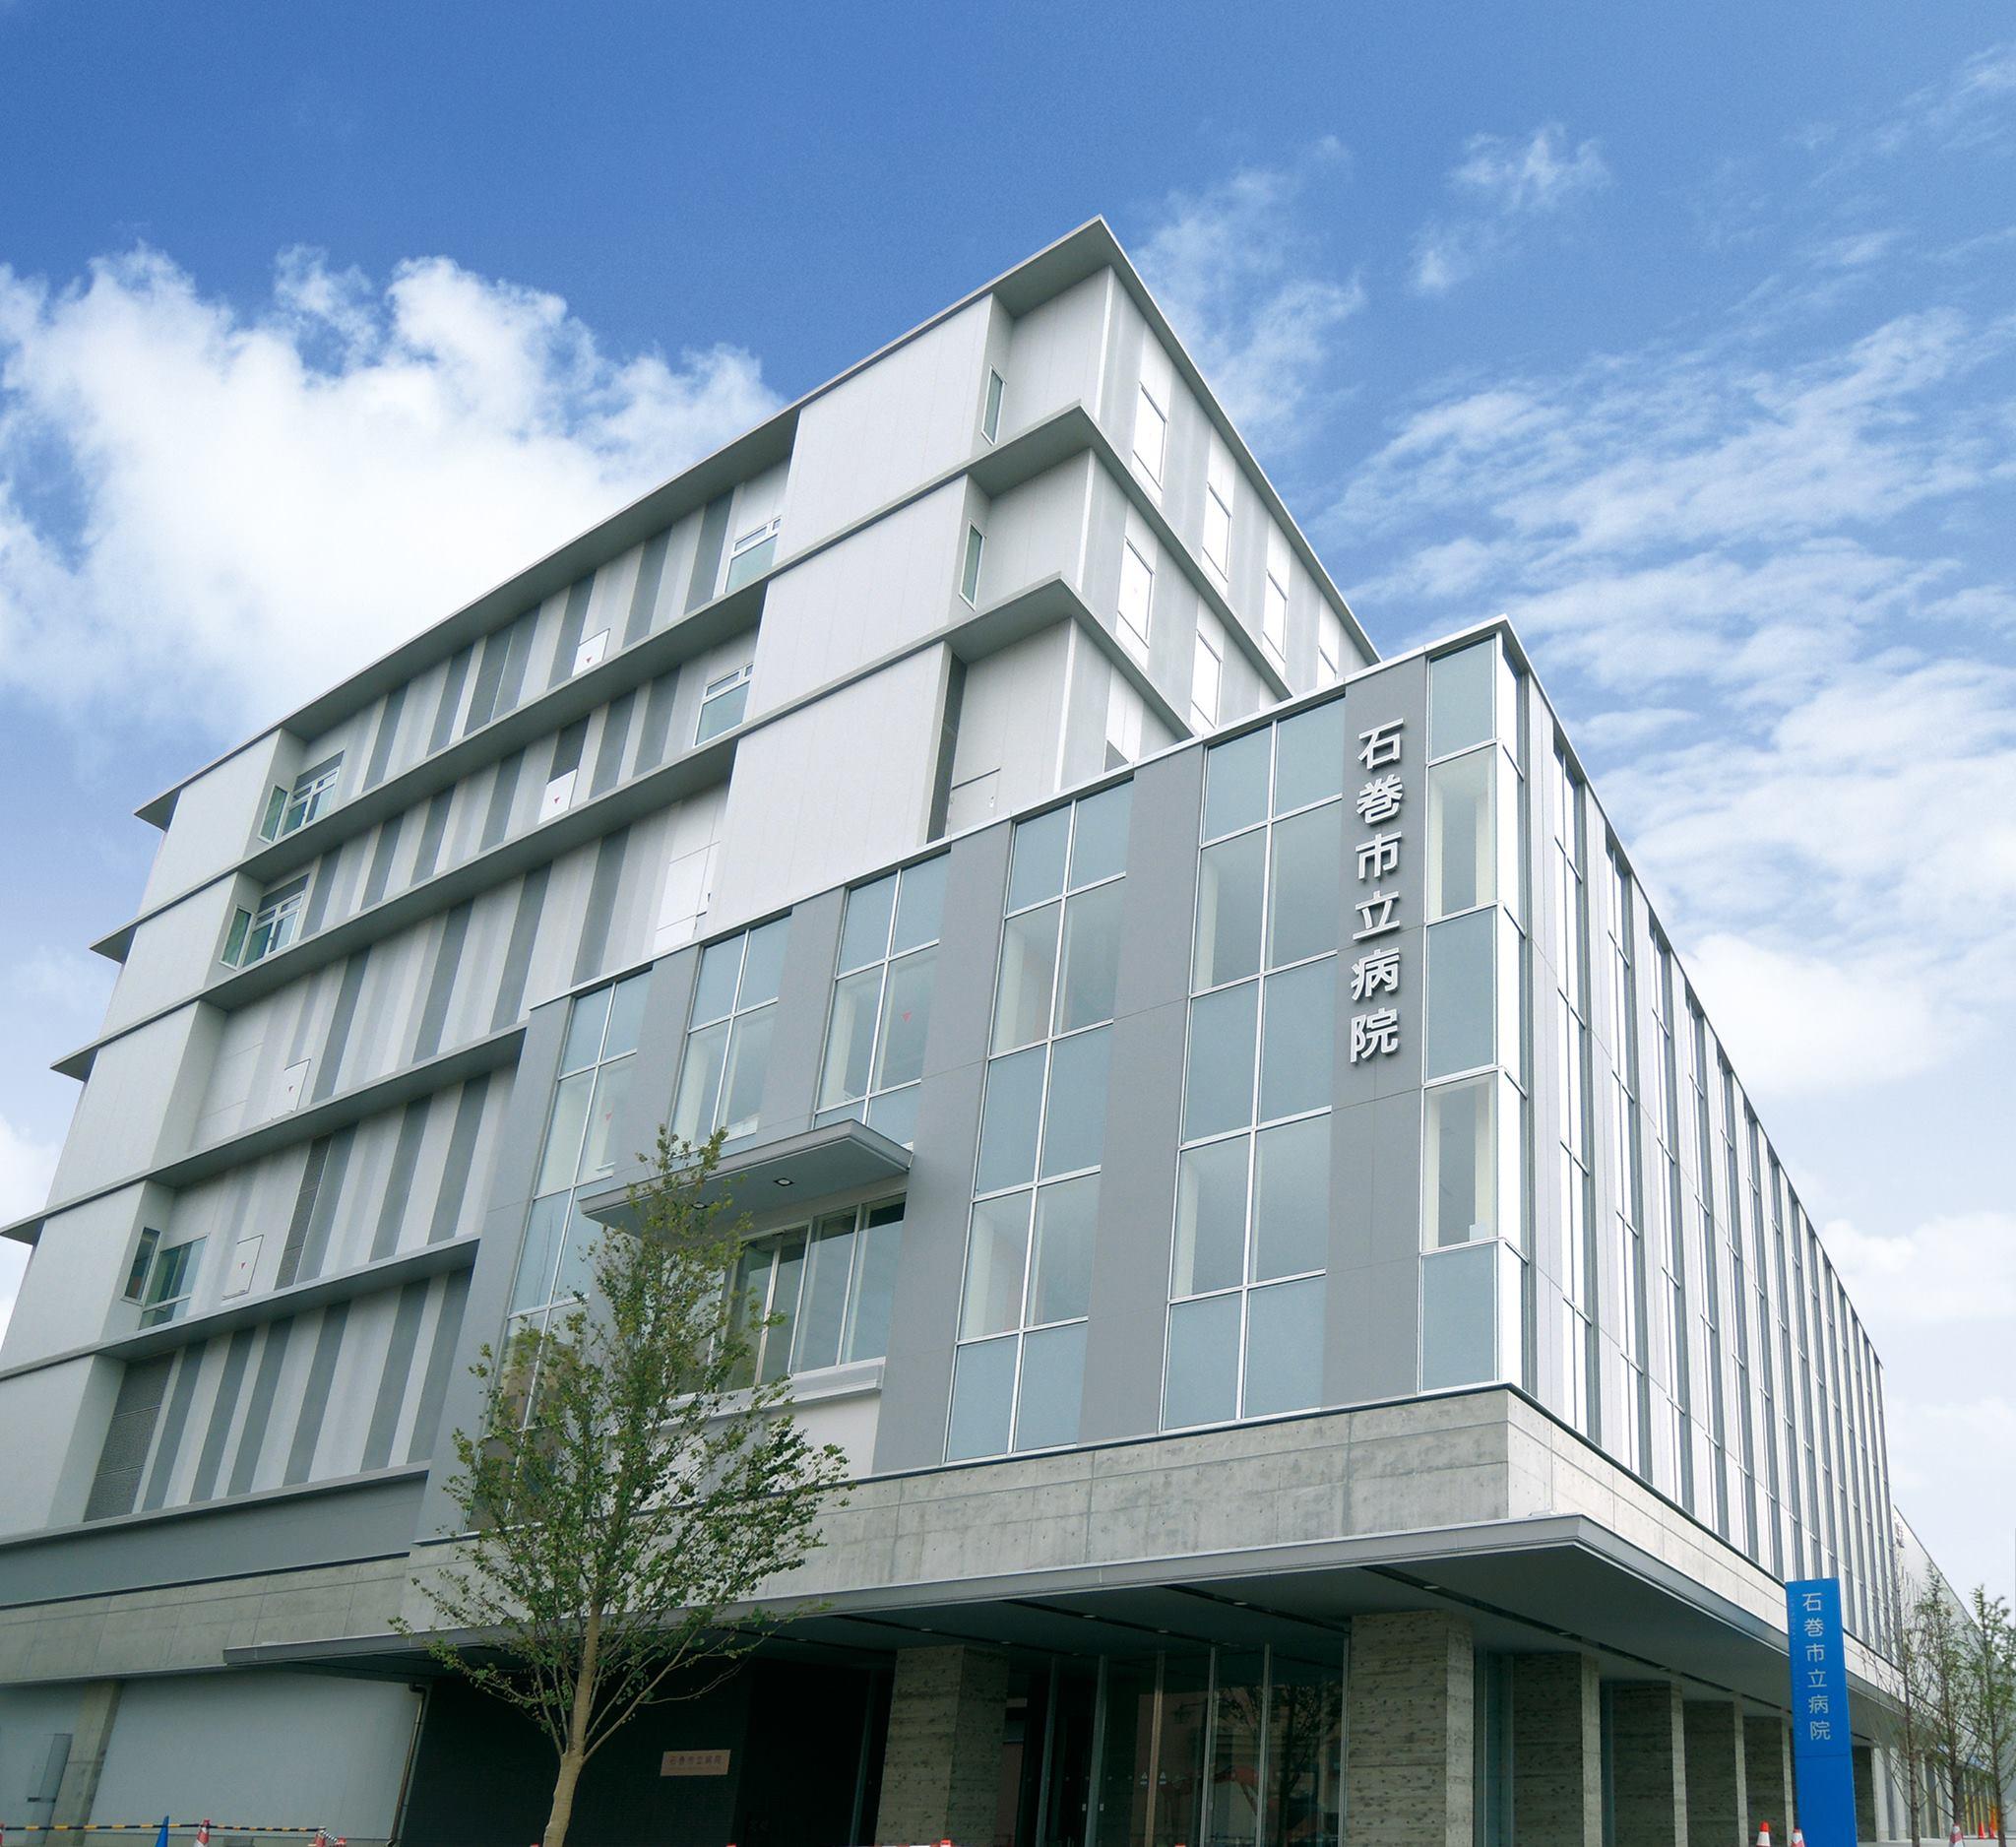 石巻市立病院は開院後1年経過。一般病床の利用率は順調に推移